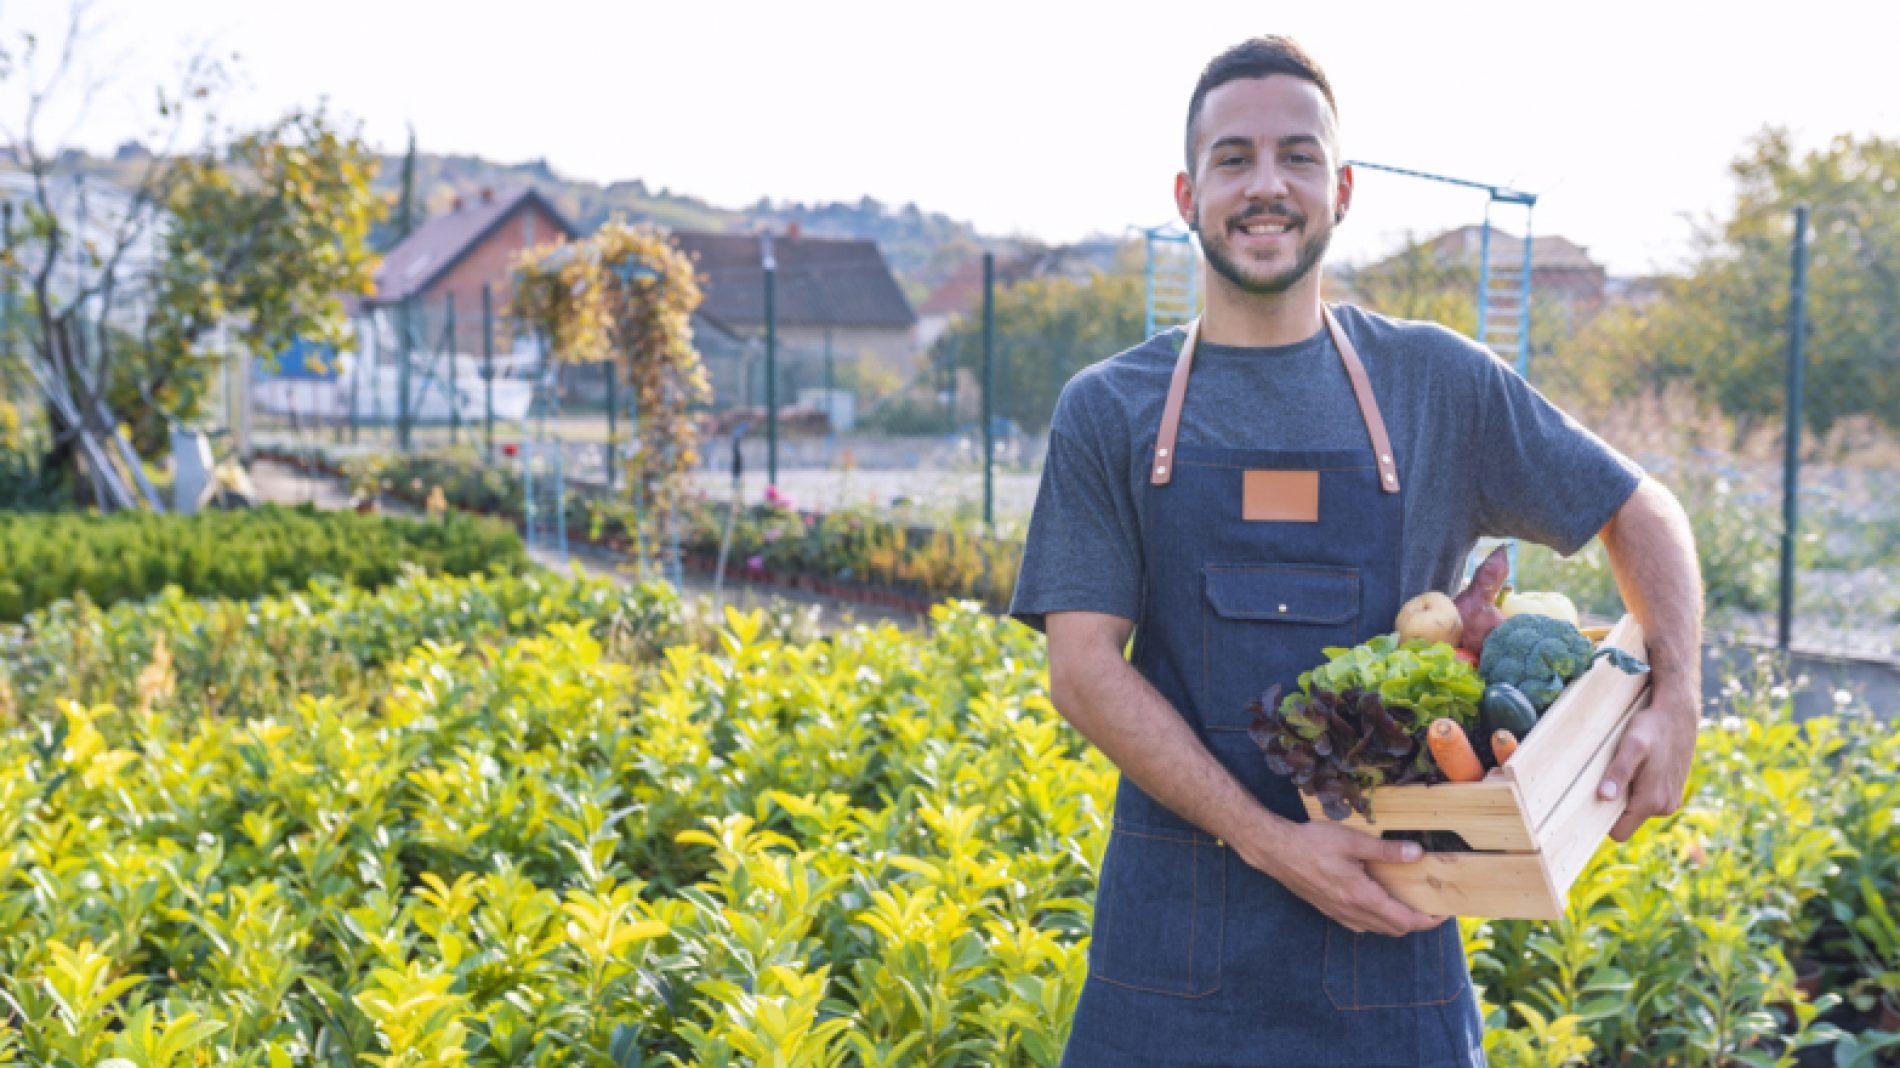 Young-man-growing-vegetables-pER7aL